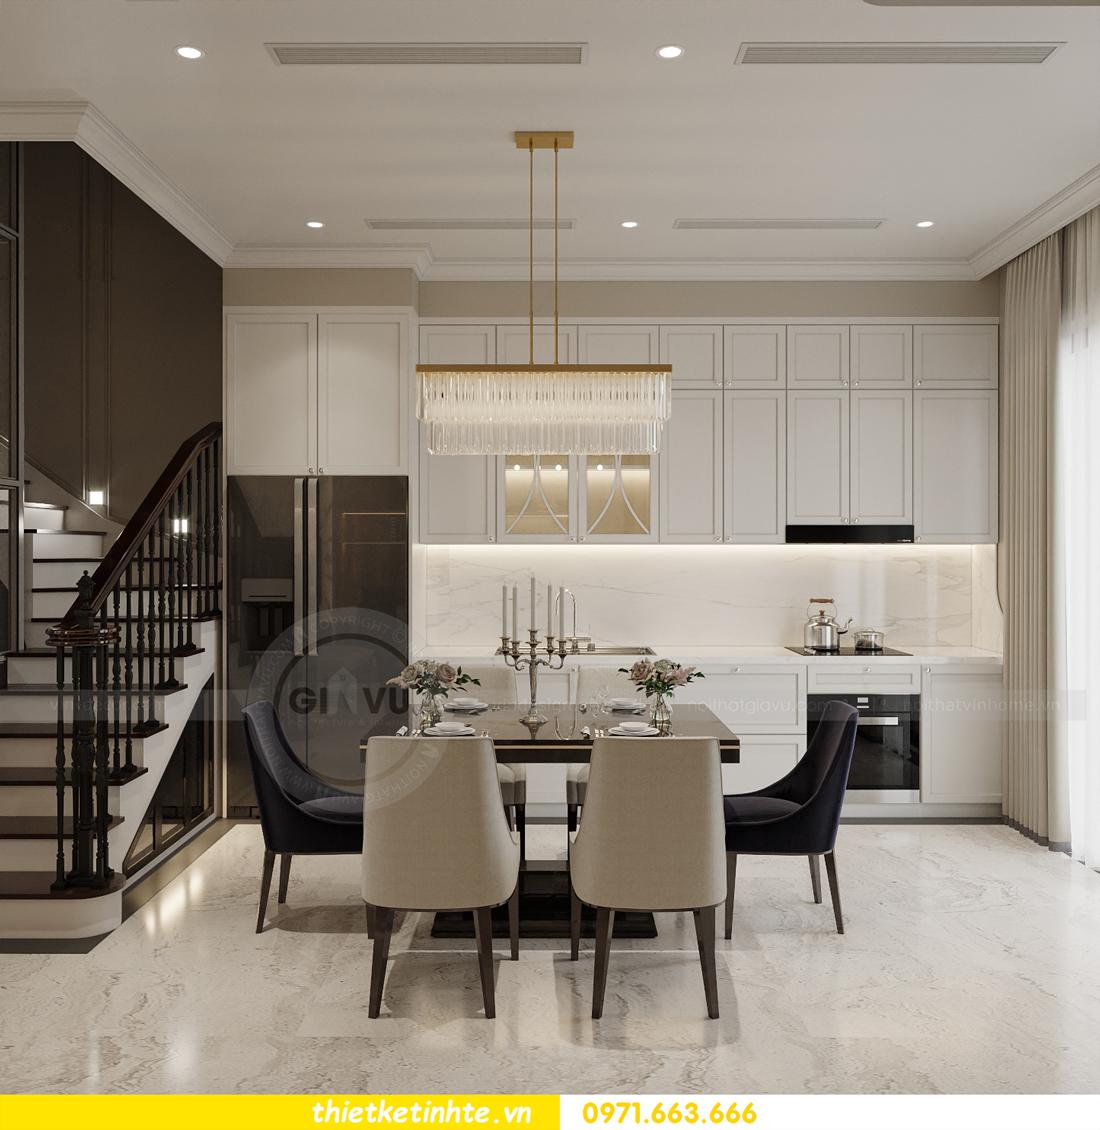 Thiết kế nội thất biệt thự Sao Biển 02-29 Ocean Park căn 90m2 2